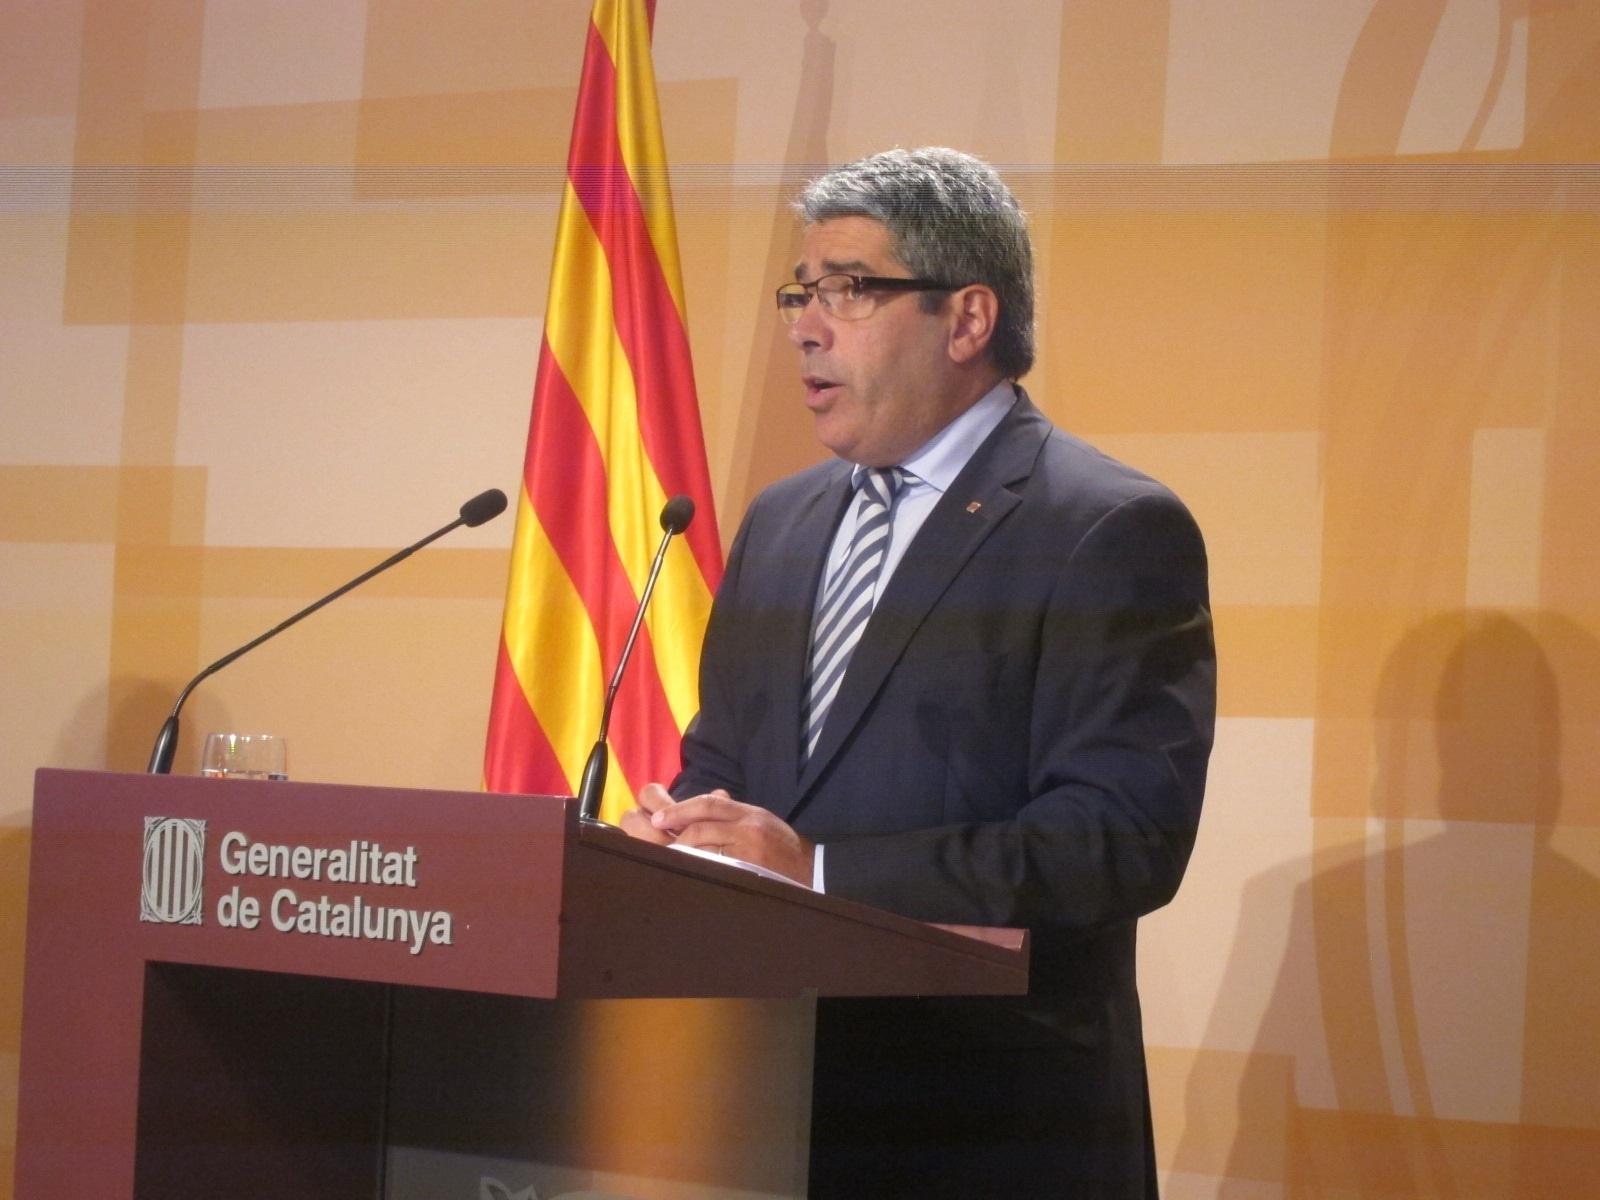 El Gobierno catalán aprueba la ley de acción exterior catalana «pensando en un país que quiere ser libre»